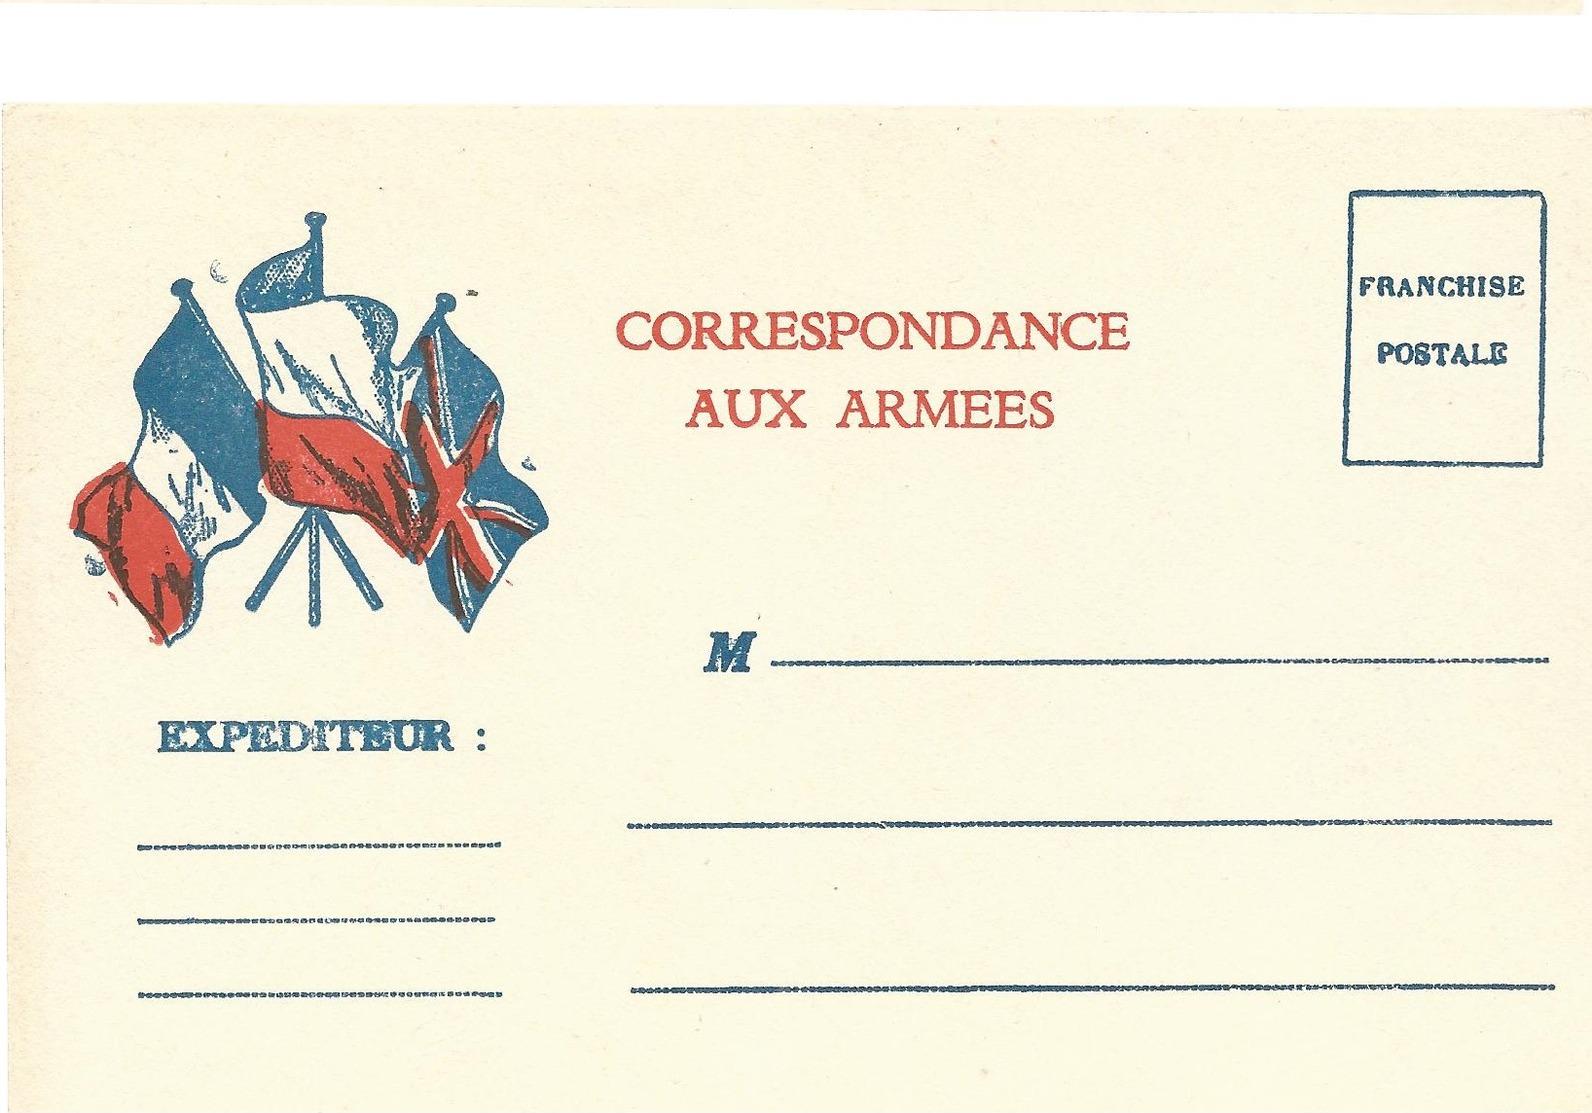 CARTE EN FRANCHISE MILITAIRE - CORRESPONDANCE AUX ARMEES- NON ECRITE - TRES BON ETAT - Tarjetas De Franquicia Militare